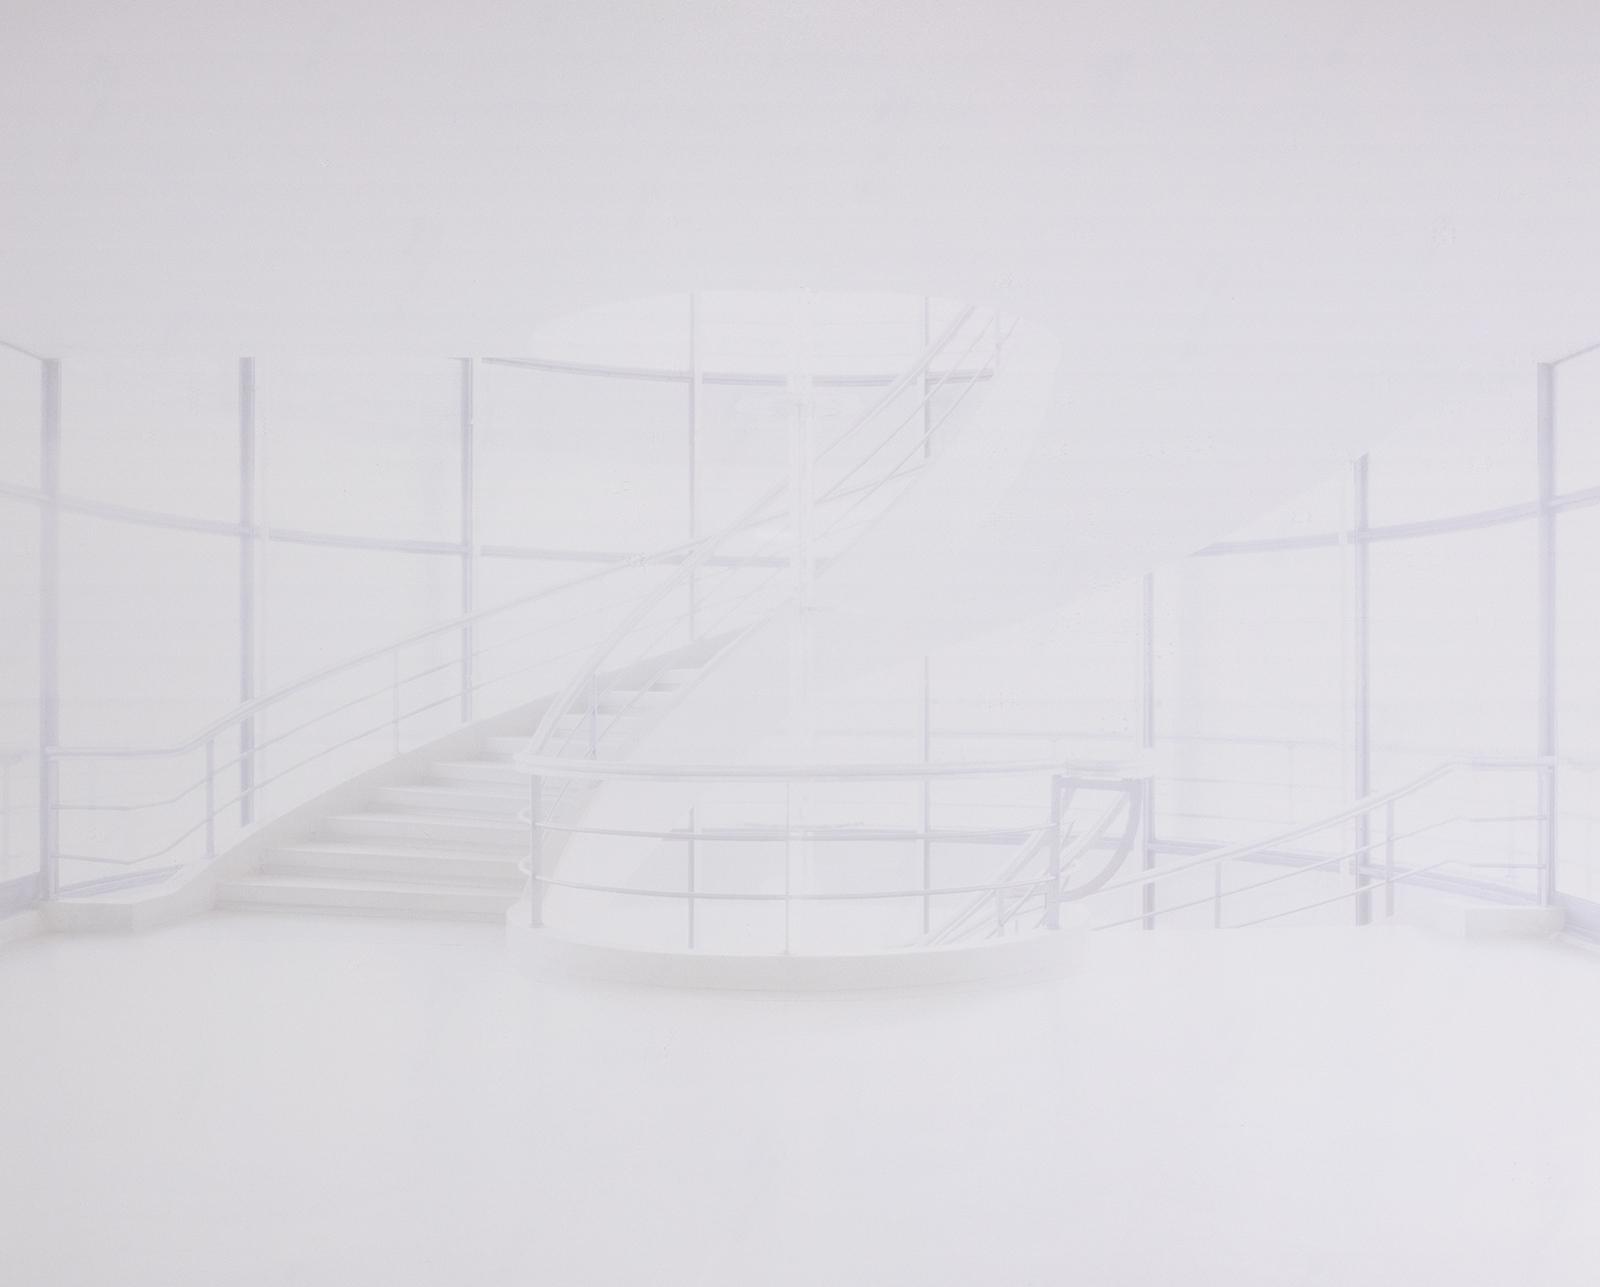 Luisa Lambri, Untitled (De La Warr Pavilion, #05), 2008